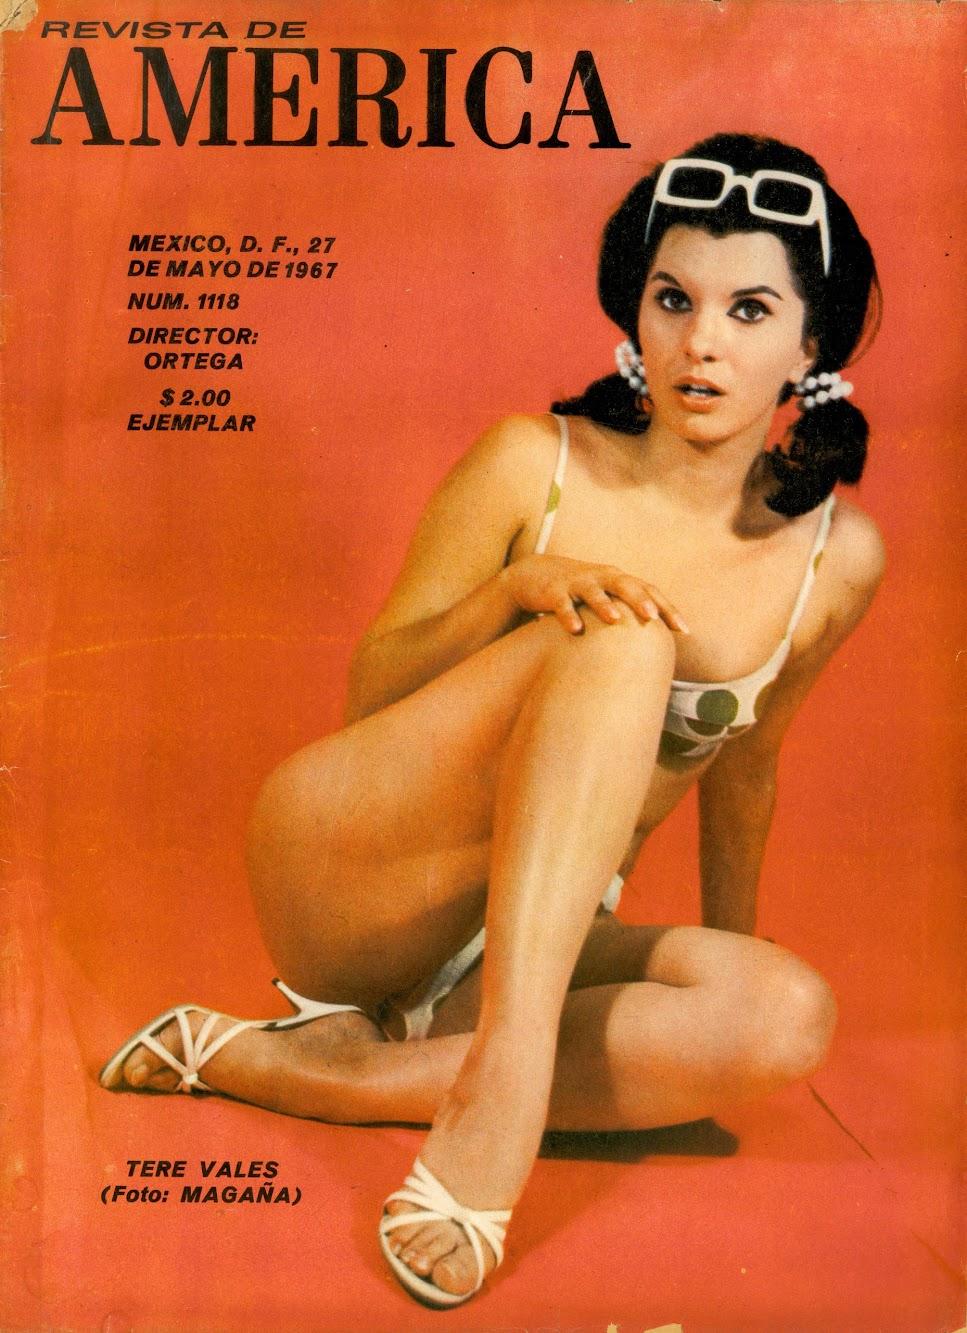 Revista De America, No.1118